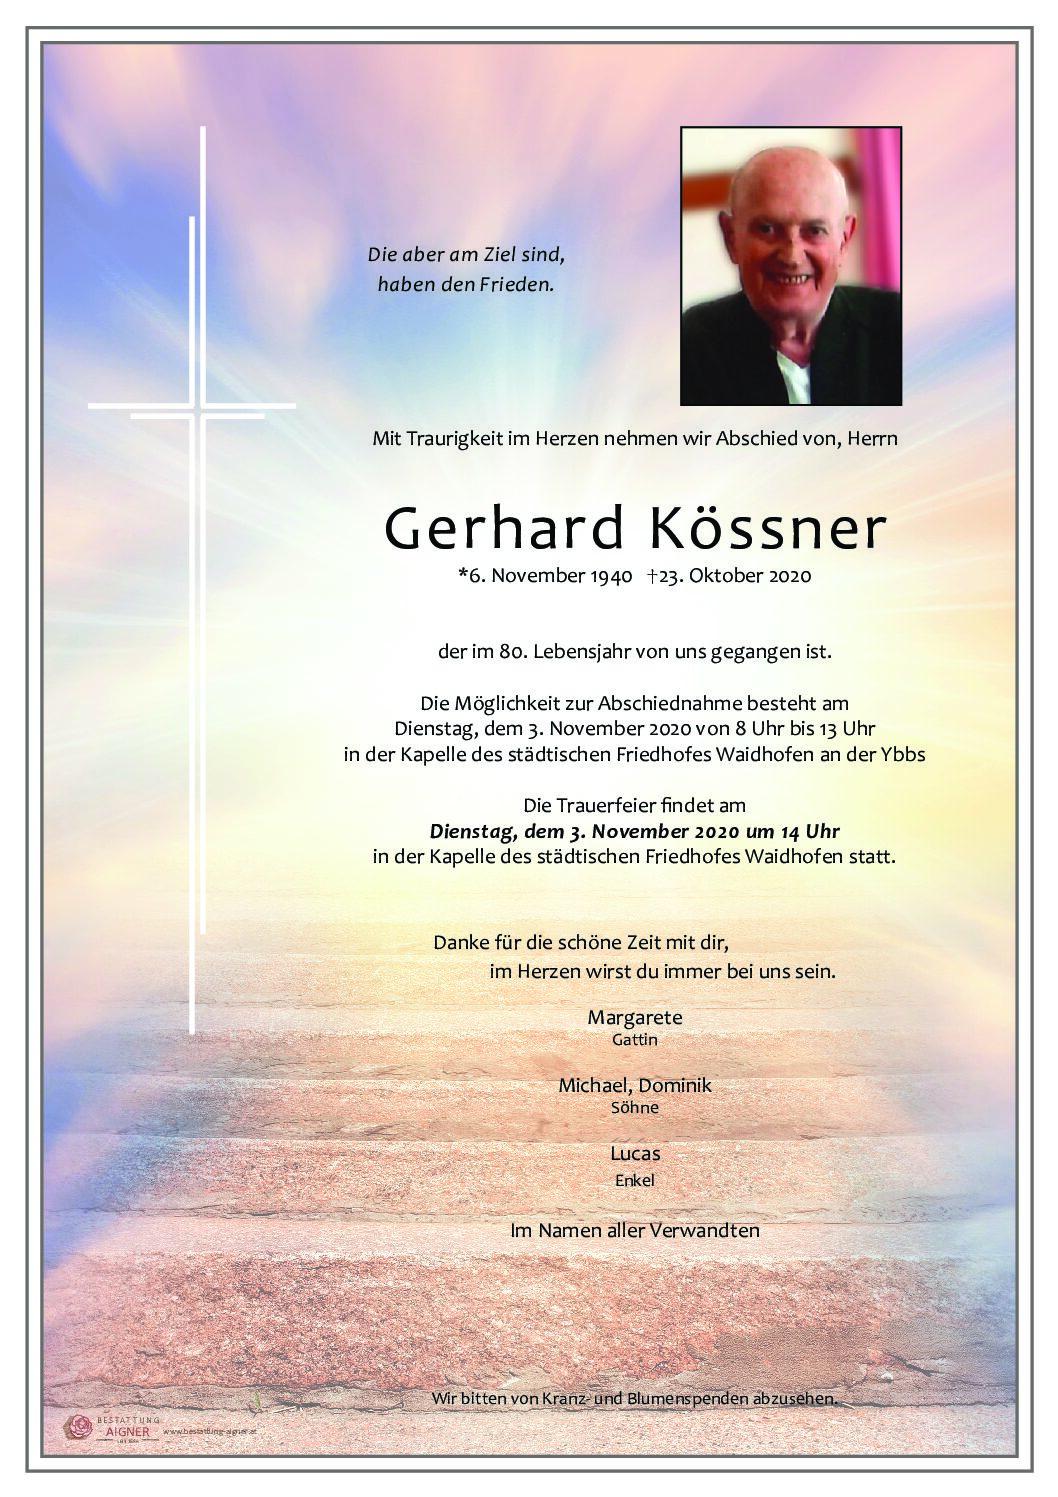 Gerhard Kössner